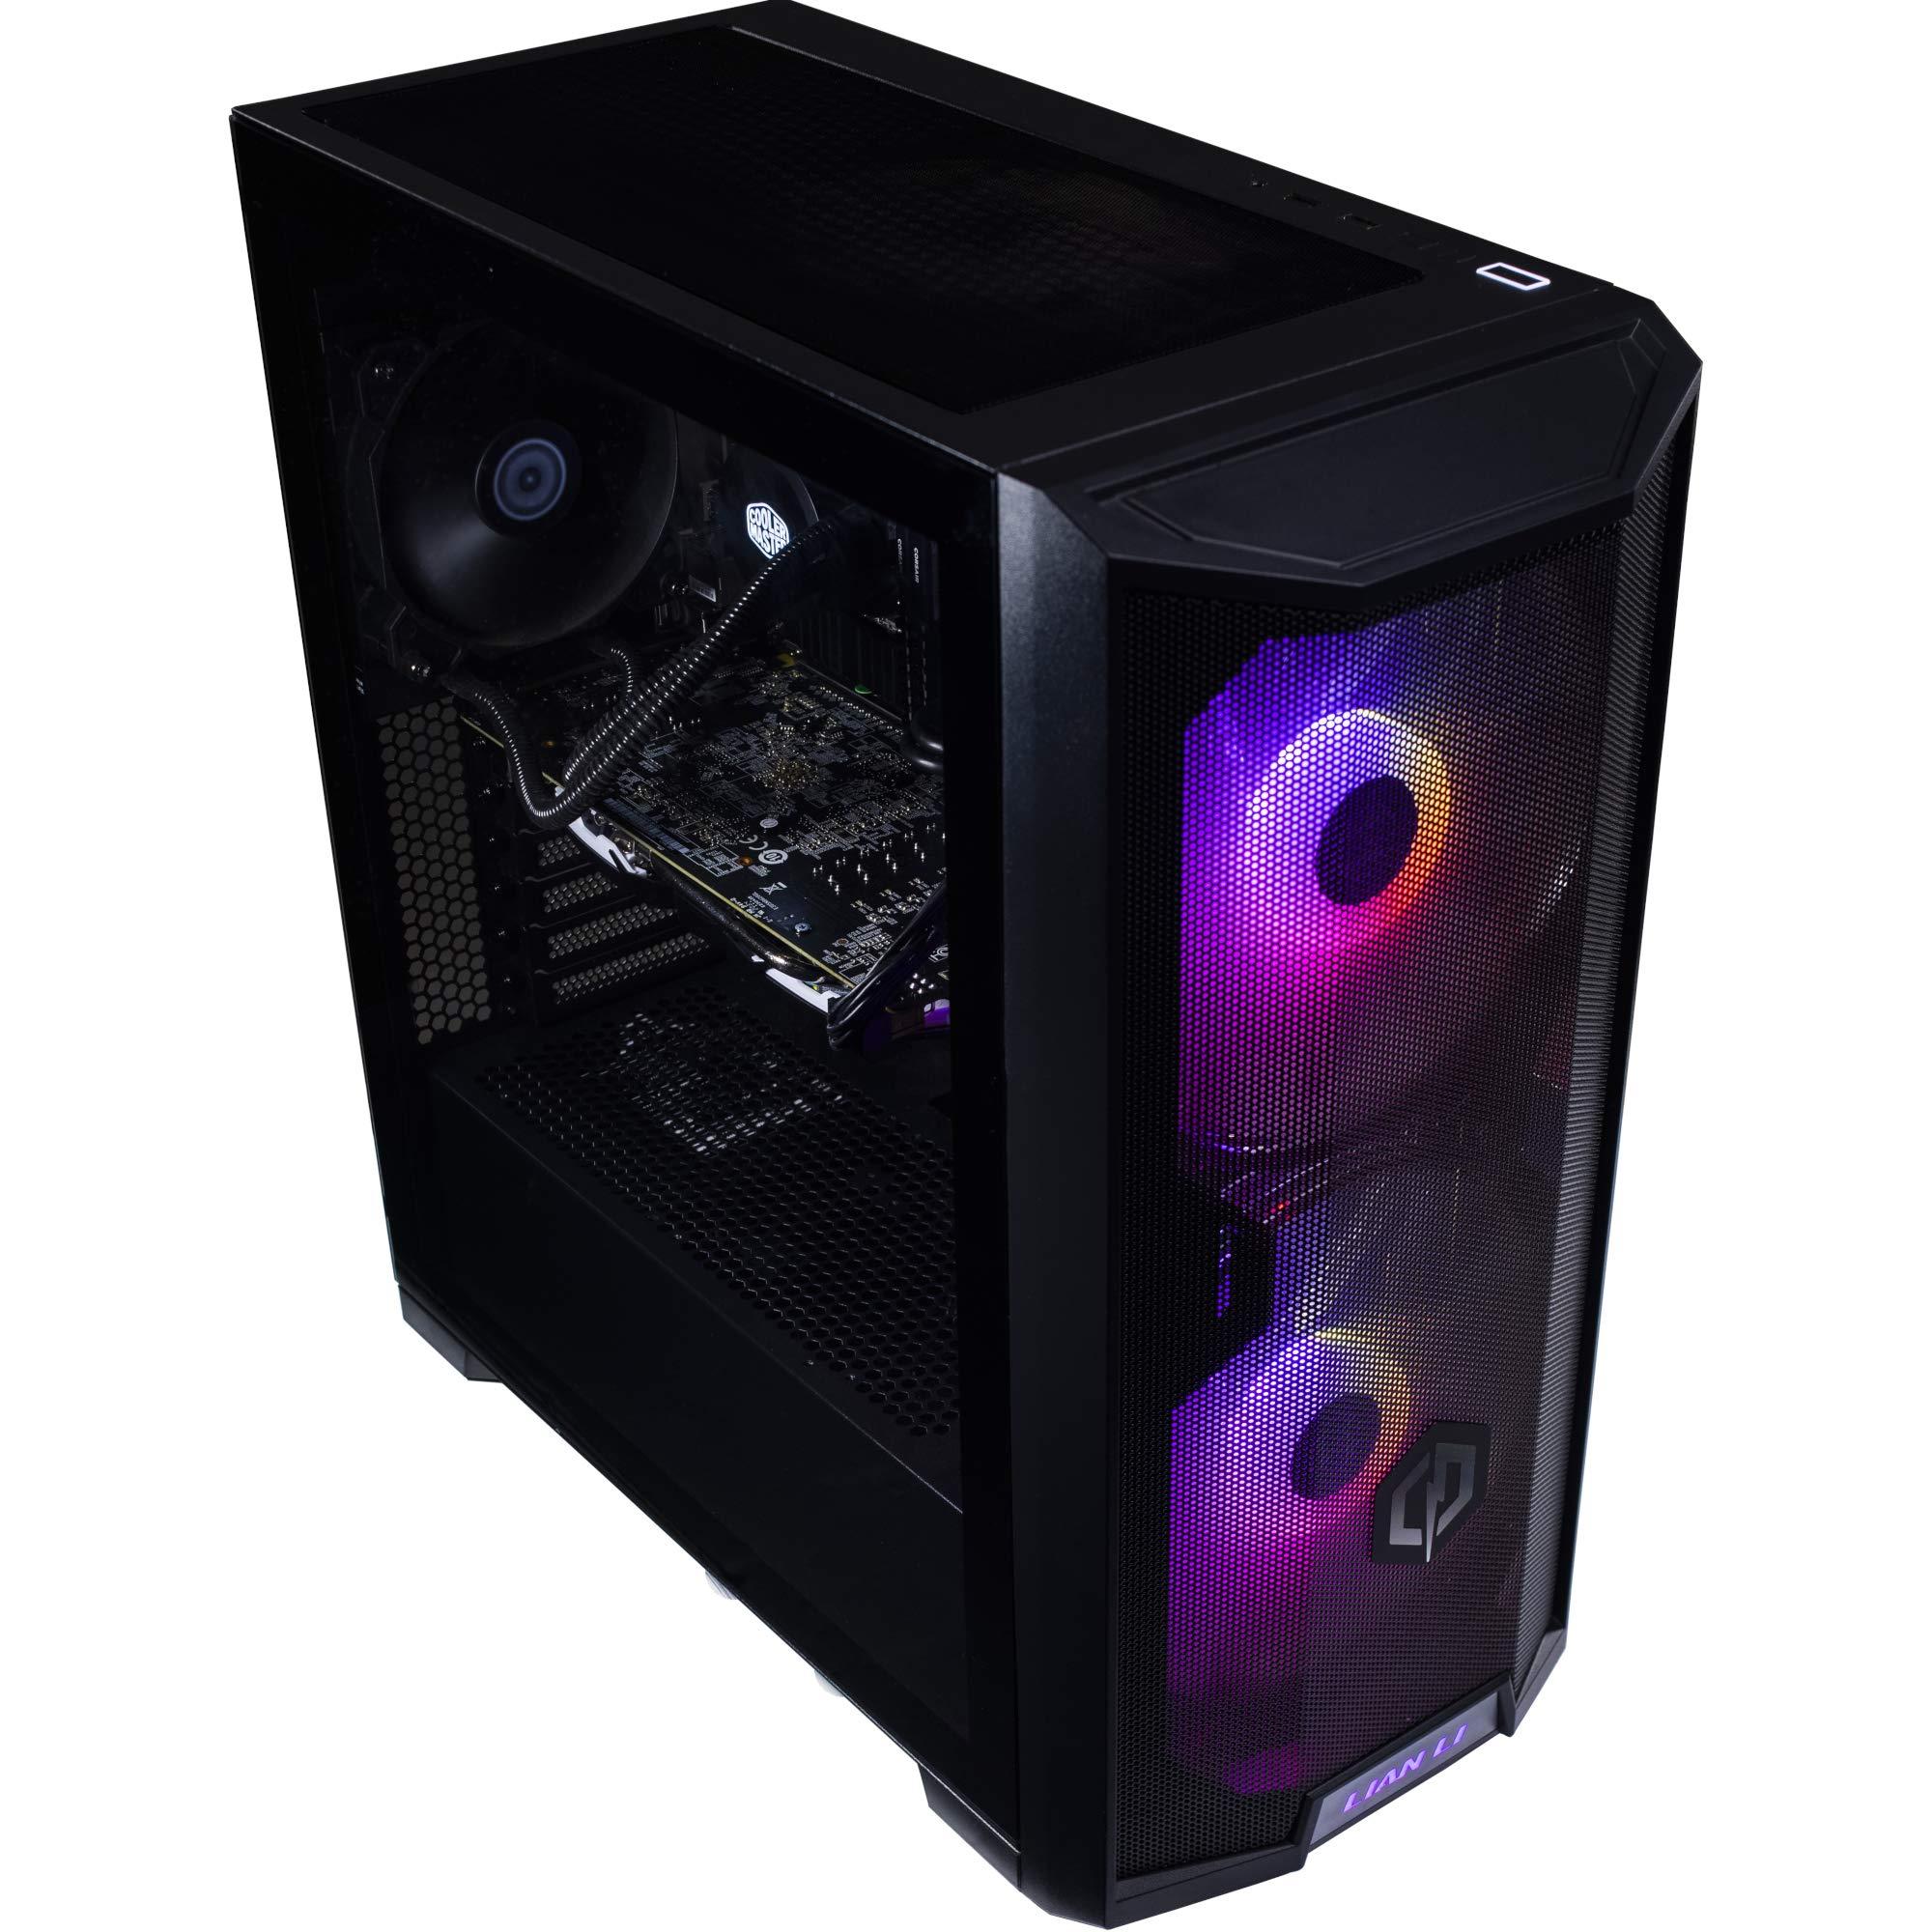 CyberpowerPC Centurion Gaming PC - Intel Core i9-10900K, AMD Radeon RX 6700 XT 12GB, 16GB RAM, 1TB NVMe SSD, Liquid Cooling, 650W PSU, Wi-Fi, Windows 10, Lancool 215  ADMI Gaming PC: i5 9400F 4.1Ghz SIX Core CPU/Nvidia RTX 2060 6GB / 16GB 2400MHz / 240GB SSD + 1TB HDD/RGB Case / 600 Wifi/Windows 10  Lenovo ThinkCentre M710q Tiny Mini-PC Intel Core i5-7400T, 8GB DDR, 256GB SSD, Windows 10 Pro 64 (Renewed)